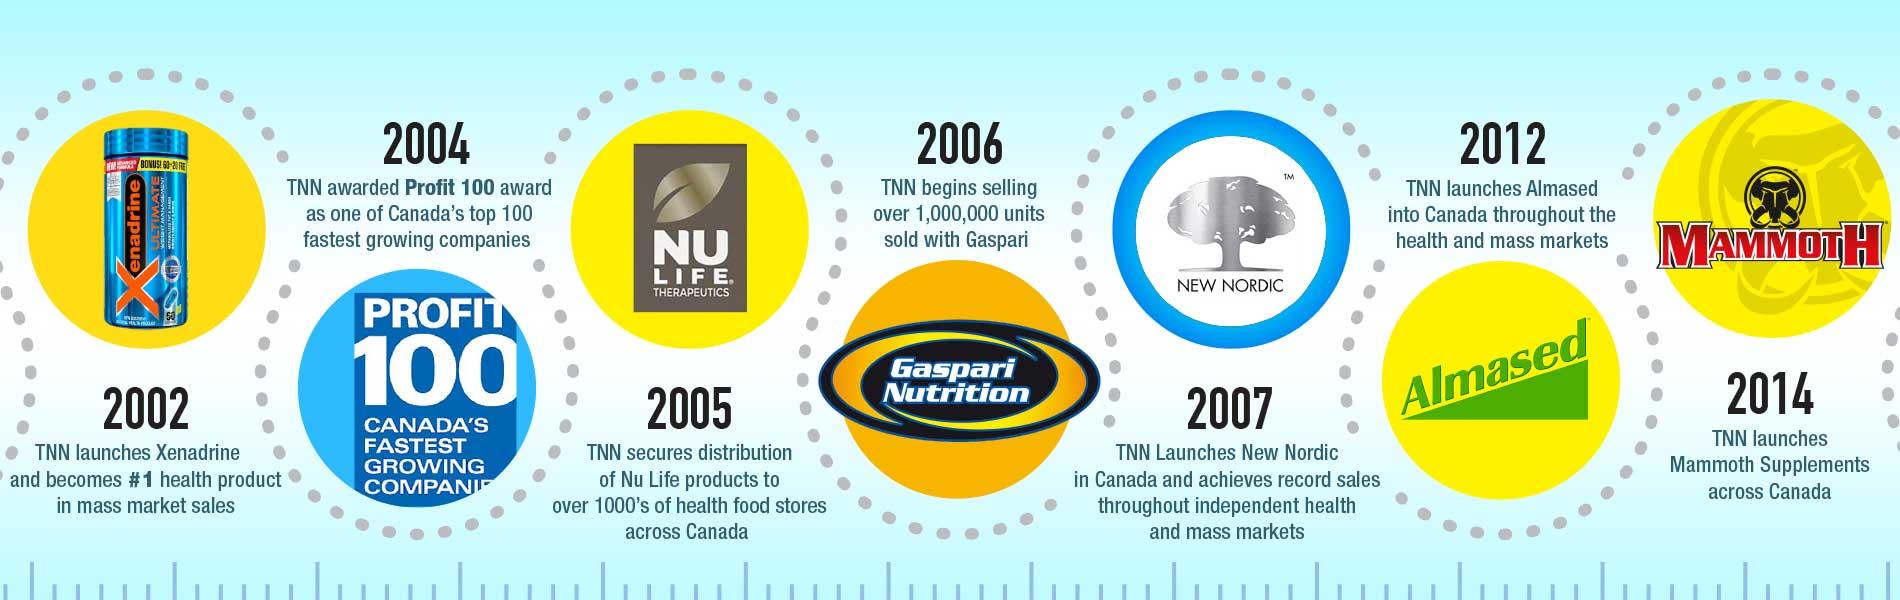 TNN GROWTH